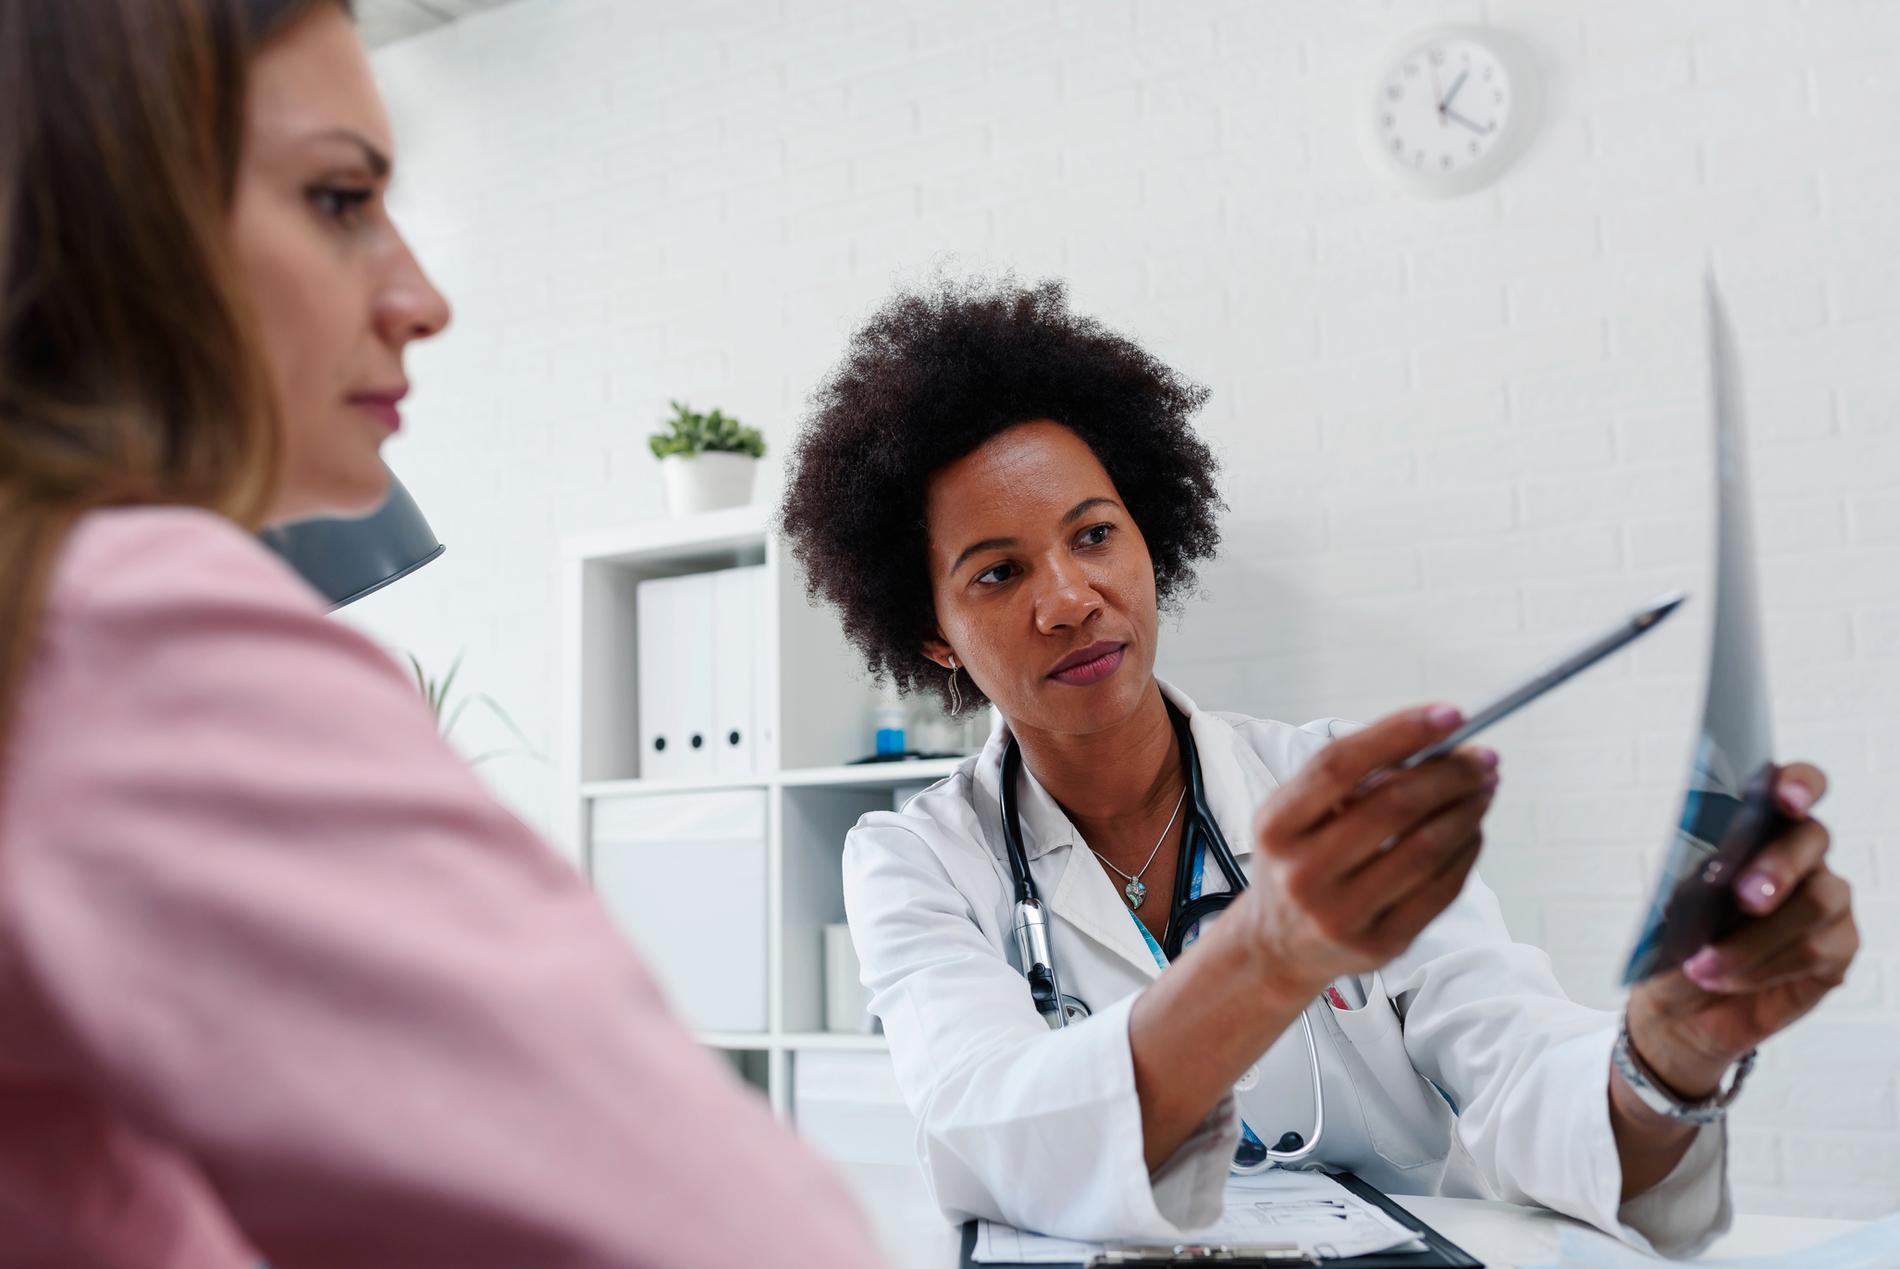 Sök vård om du hittar knölar, bröstcancer upptäcks av patienten själv i 40 procent av fallen